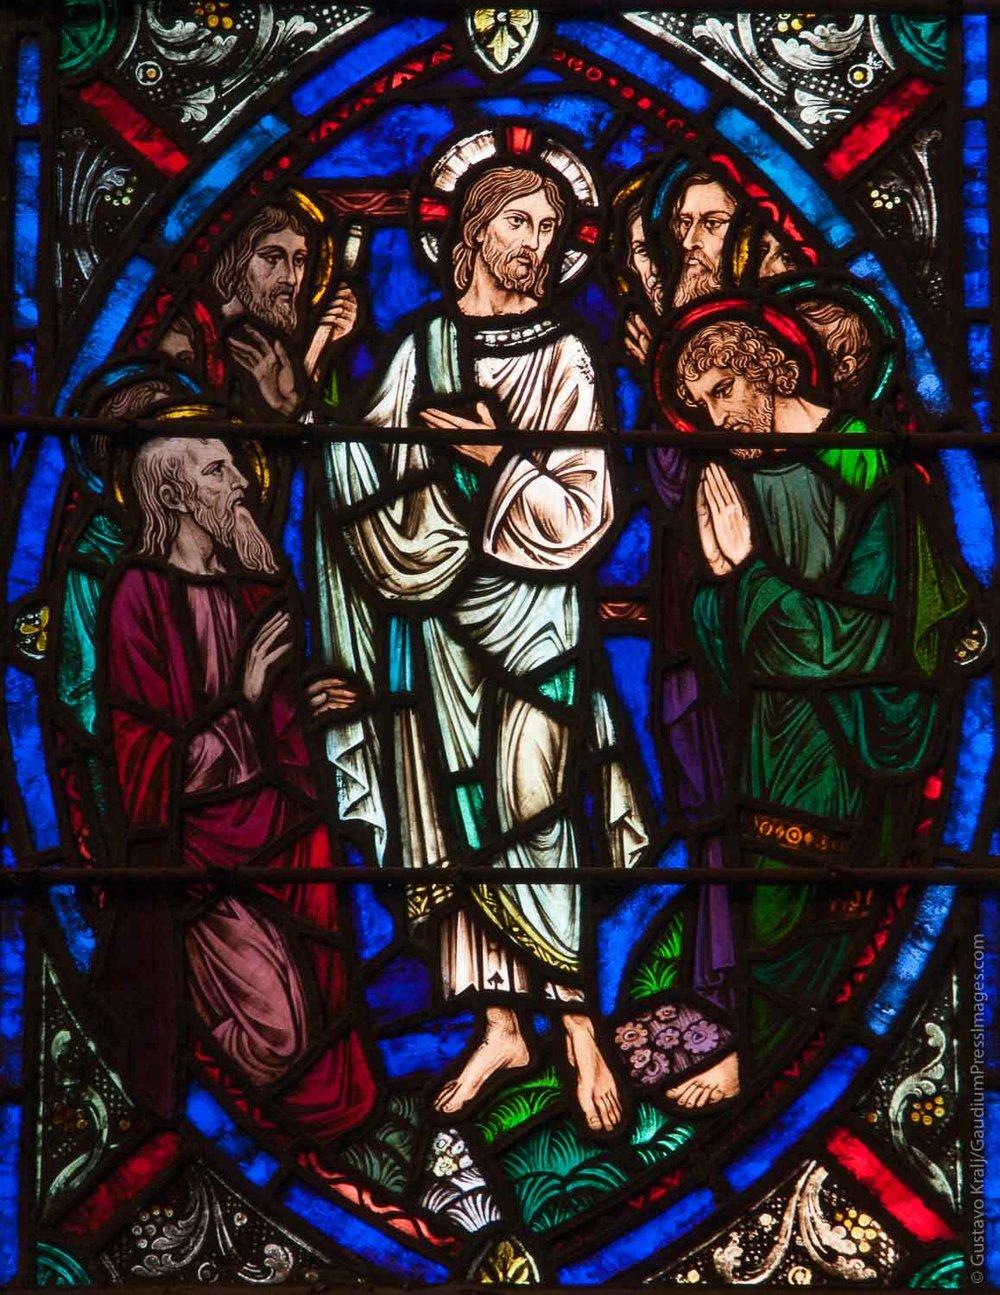 Jesus enseñando: Santuario Our Lady f Solace, Coney Island, NY, USA. Foto: Gustavo Kralj/GaudiumpressImages.com